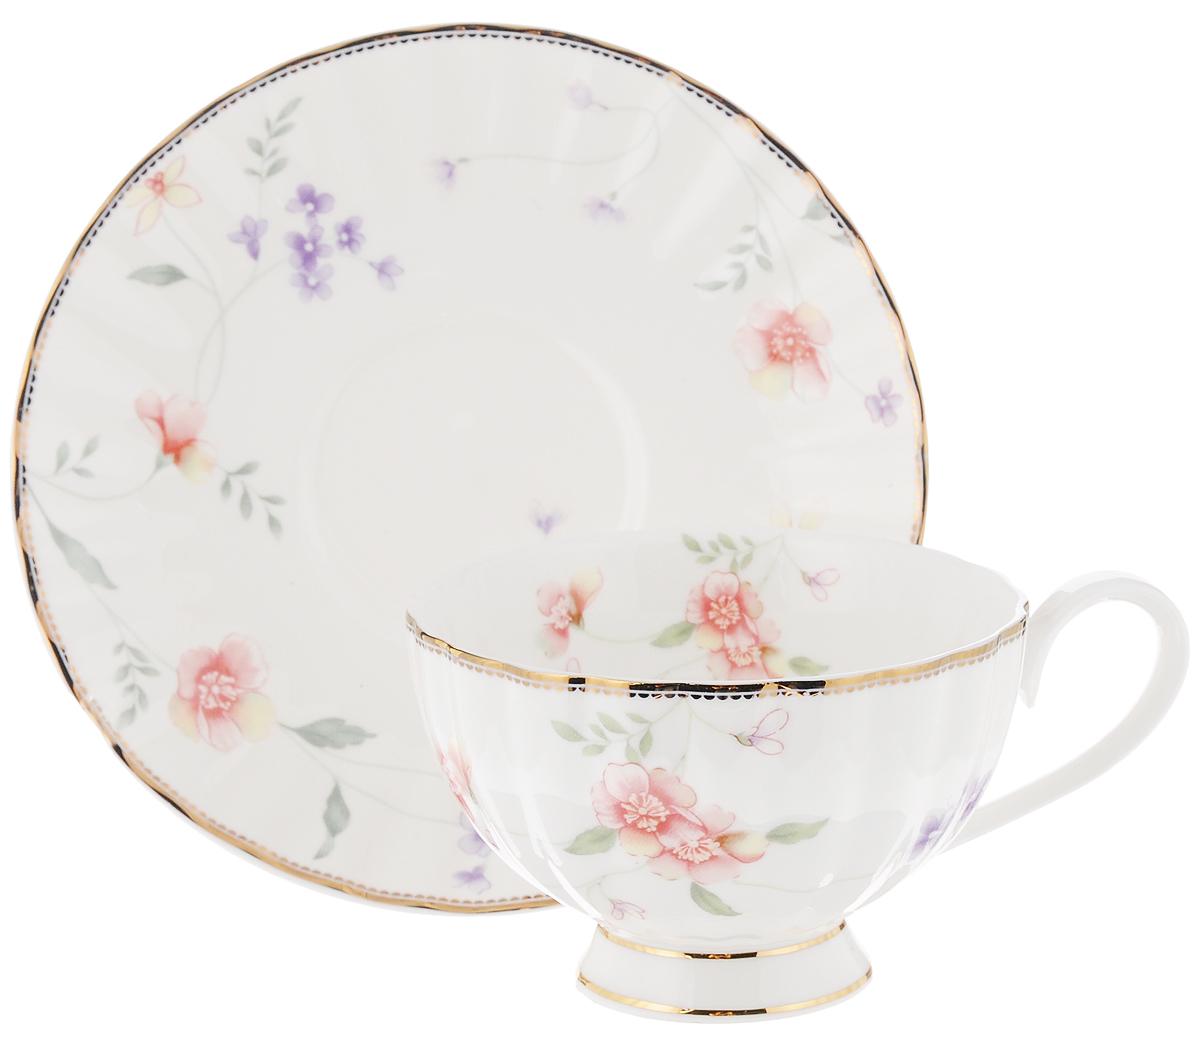 Чайная пара Флер, 2 предметаC2-CS-3701ALЧайный набор Флер, выполненный из высококачественного костяного фарфора, состоит из чашки и блюдца. Изделия выполнены в цветочном дизайне и декорированы золотистым ободком. Чайная пара - идеальный подарок для вашего дома и для ваших друзей в праздники, юбилеи и торжества. Она также станет отличным украшением любой кухни. Набор упакован в подарочную коробку. Объем чашки: 210 мл Диаметр чашки по верхнему краю: 9,7 см Высота чашки: 6 см Диаметр блюдца: 15,5 см Высота блюдца: 2 см.